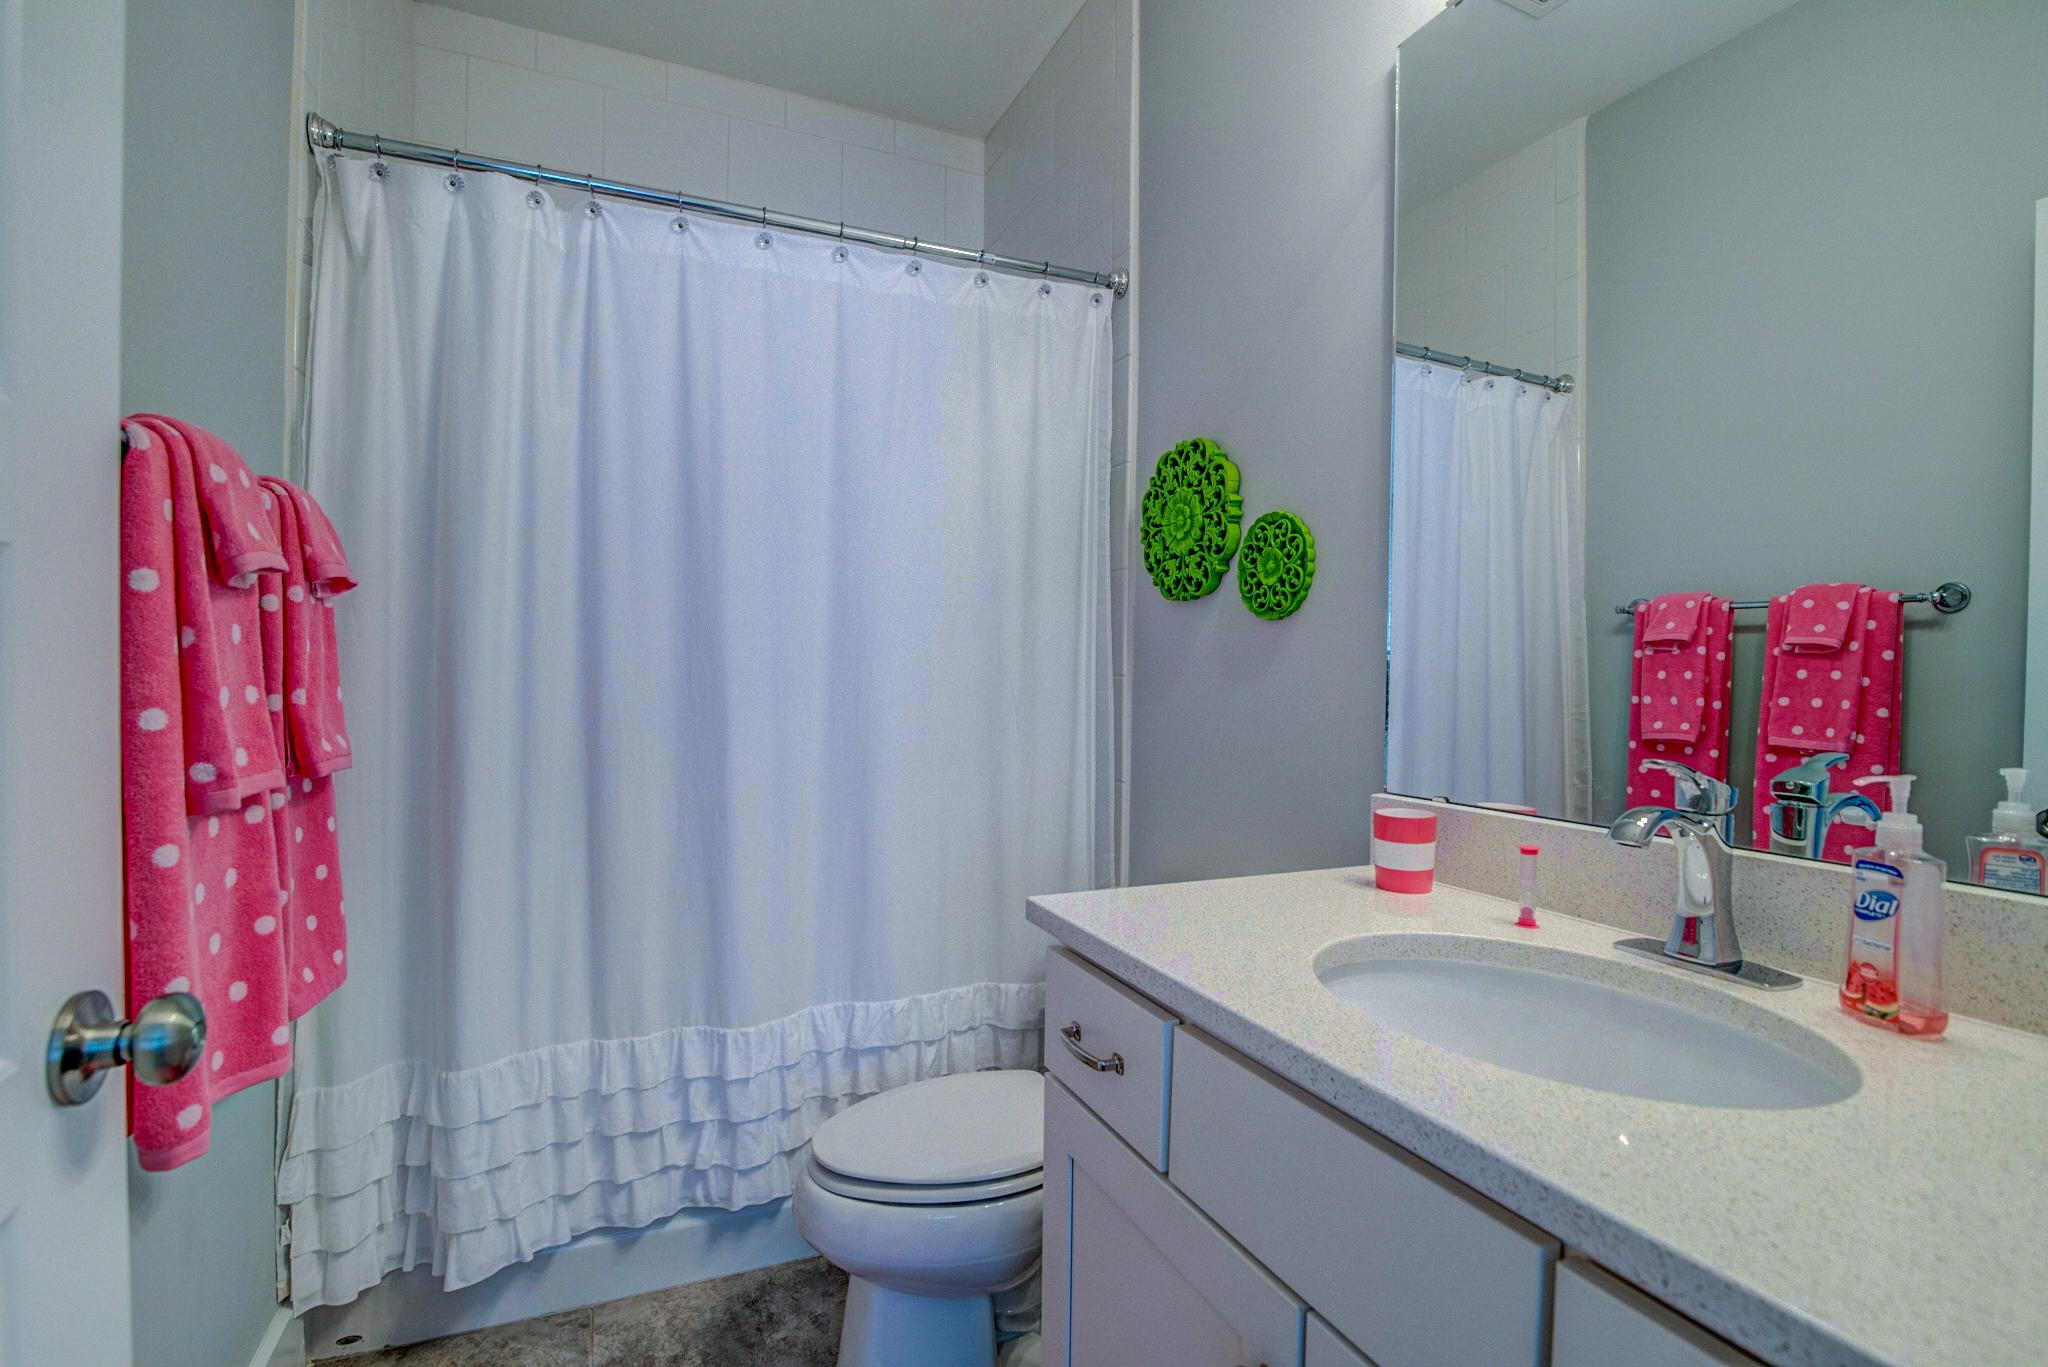 Dunes West Homes For Sale - 2883 River Vista, Mount Pleasant, SC - 11